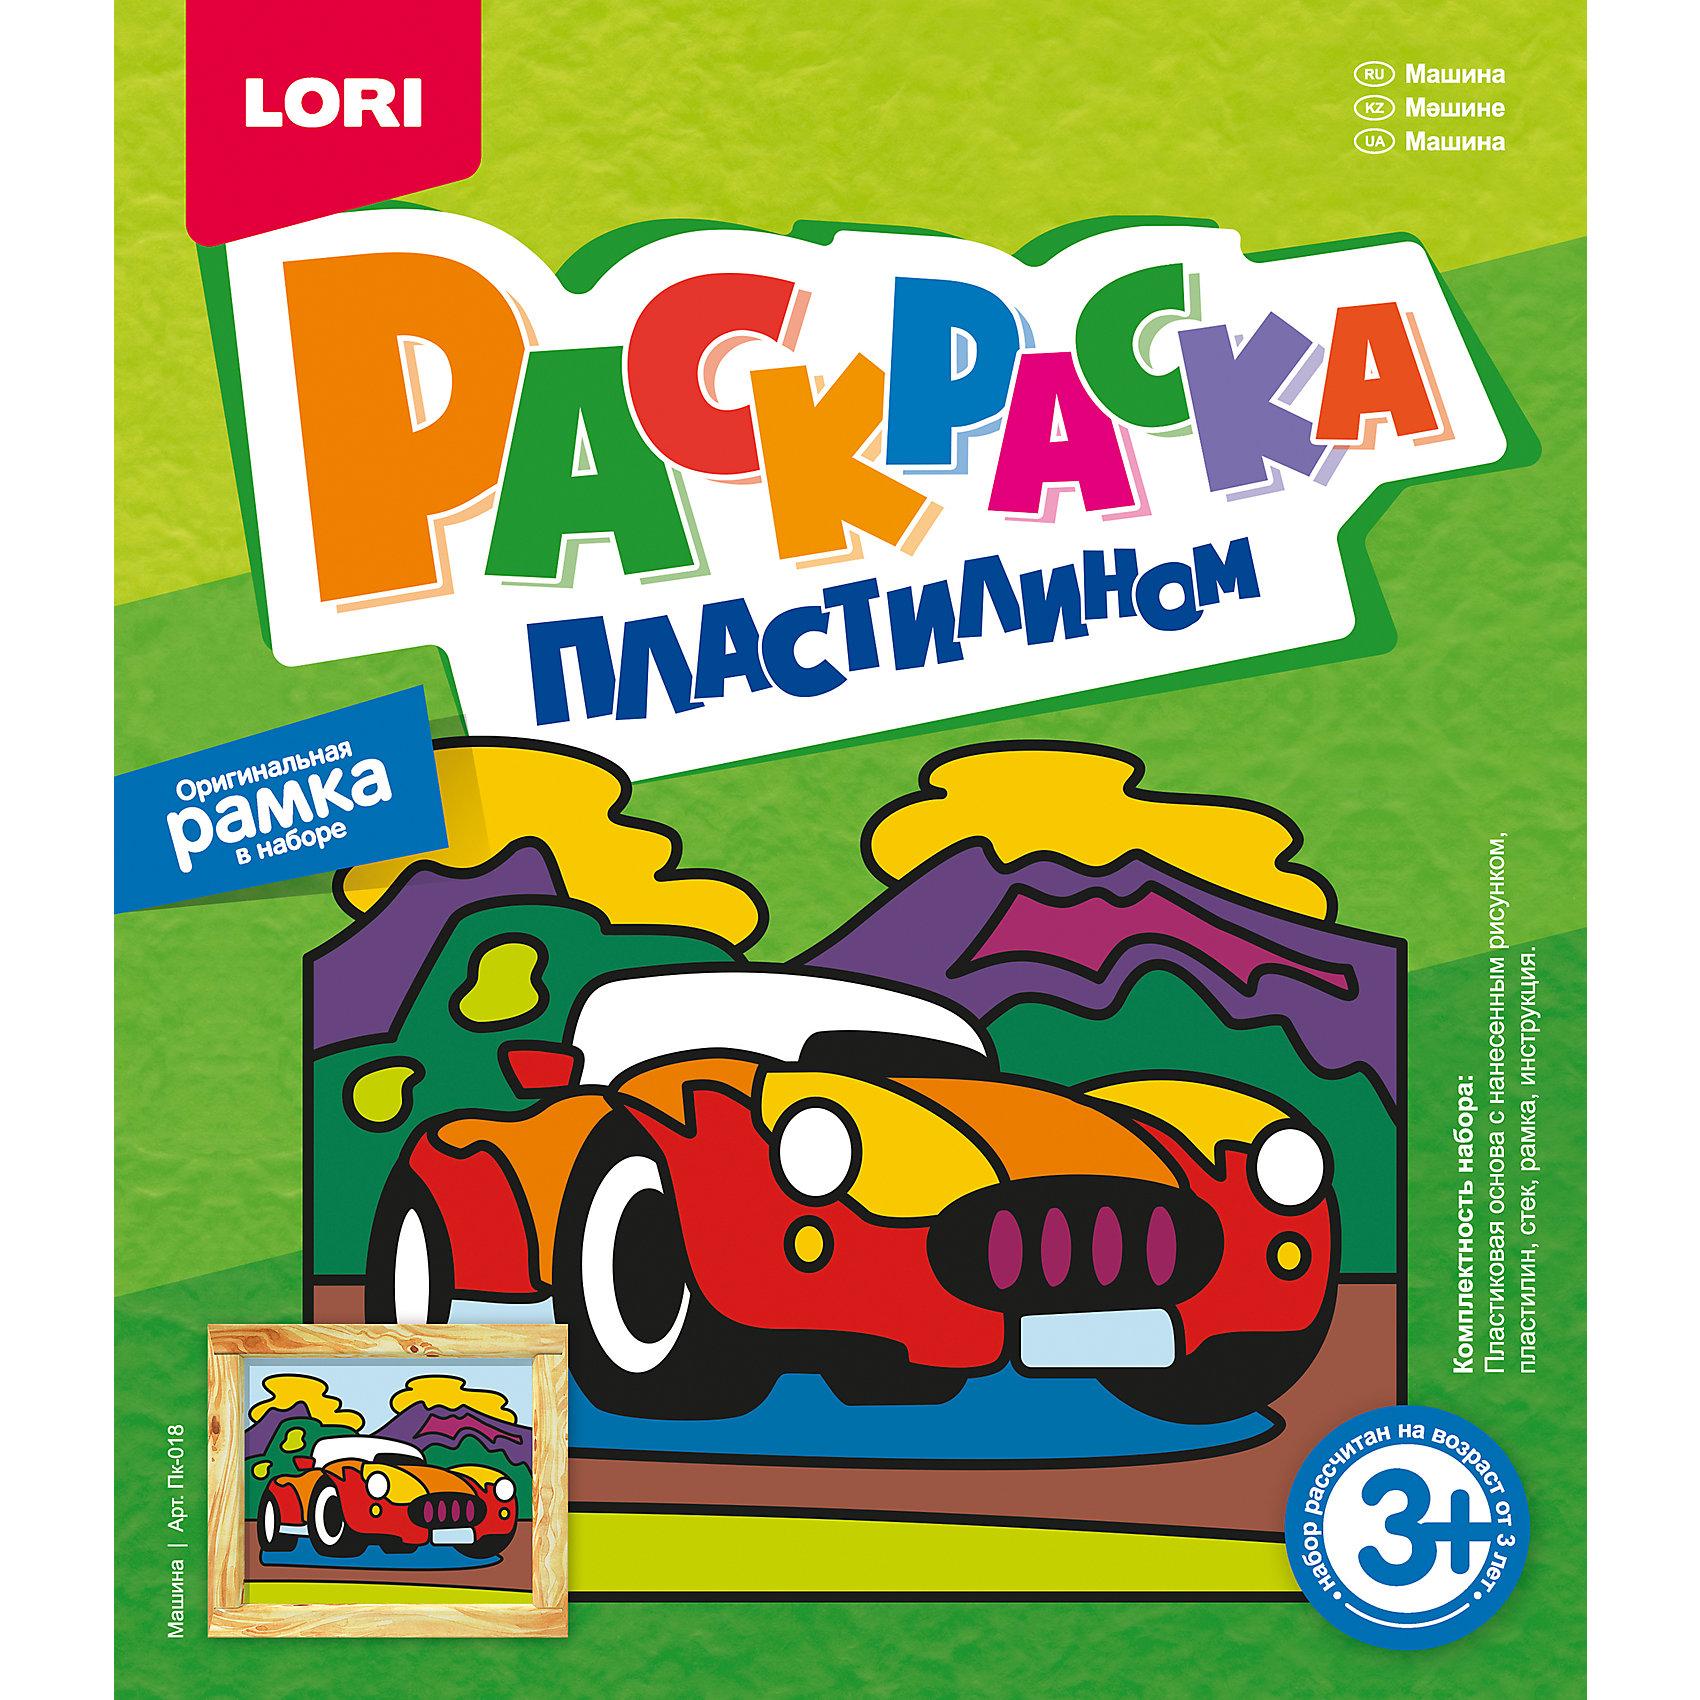 Раскраска пластилином МашинаНаборы для лепки<br>Характеристики раскраски пластилином Машина:<br><br>- возраст: от 3 лет<br>- пол: для мальчиков<br>- комплект: основа, пластилин, рамка, стек, инструкция.<br>- размер упаковки: 20 * 4 * 23 см.<br>- упаковка: картонная коробка.<br>- страна обладатель бренда: Россия.<br><br>Раскраска пластилином Машина поможет сделать живописную картину из пластилина, изображающую яркую машинку с открытым верхом. В наборе есть основа, на которую нанесен контур будущей картины. Нужно просто равномерно заполнить пустые участки слоем пластилина, а потом сверху добавить мелкие пластилиновые детали. Неровные края участков можно поправлять с помощью стека. При работе с более мелкими деталями ребенку может понадобиться Ваша помощь.<br>В наборе есть рамка, в которую можно вставить полученный шедевр!<br><br>Раскраску пластилином Машина можно купить в нашем интернет-магазине.<br><br>Ширина мм: 230<br>Глубина мм: 200<br>Высота мм: 40<br>Вес г: 277<br>Возраст от месяцев: 36<br>Возраст до месяцев: 84<br>Пол: Мужской<br>Возраст: Детский<br>SKU: 5154902